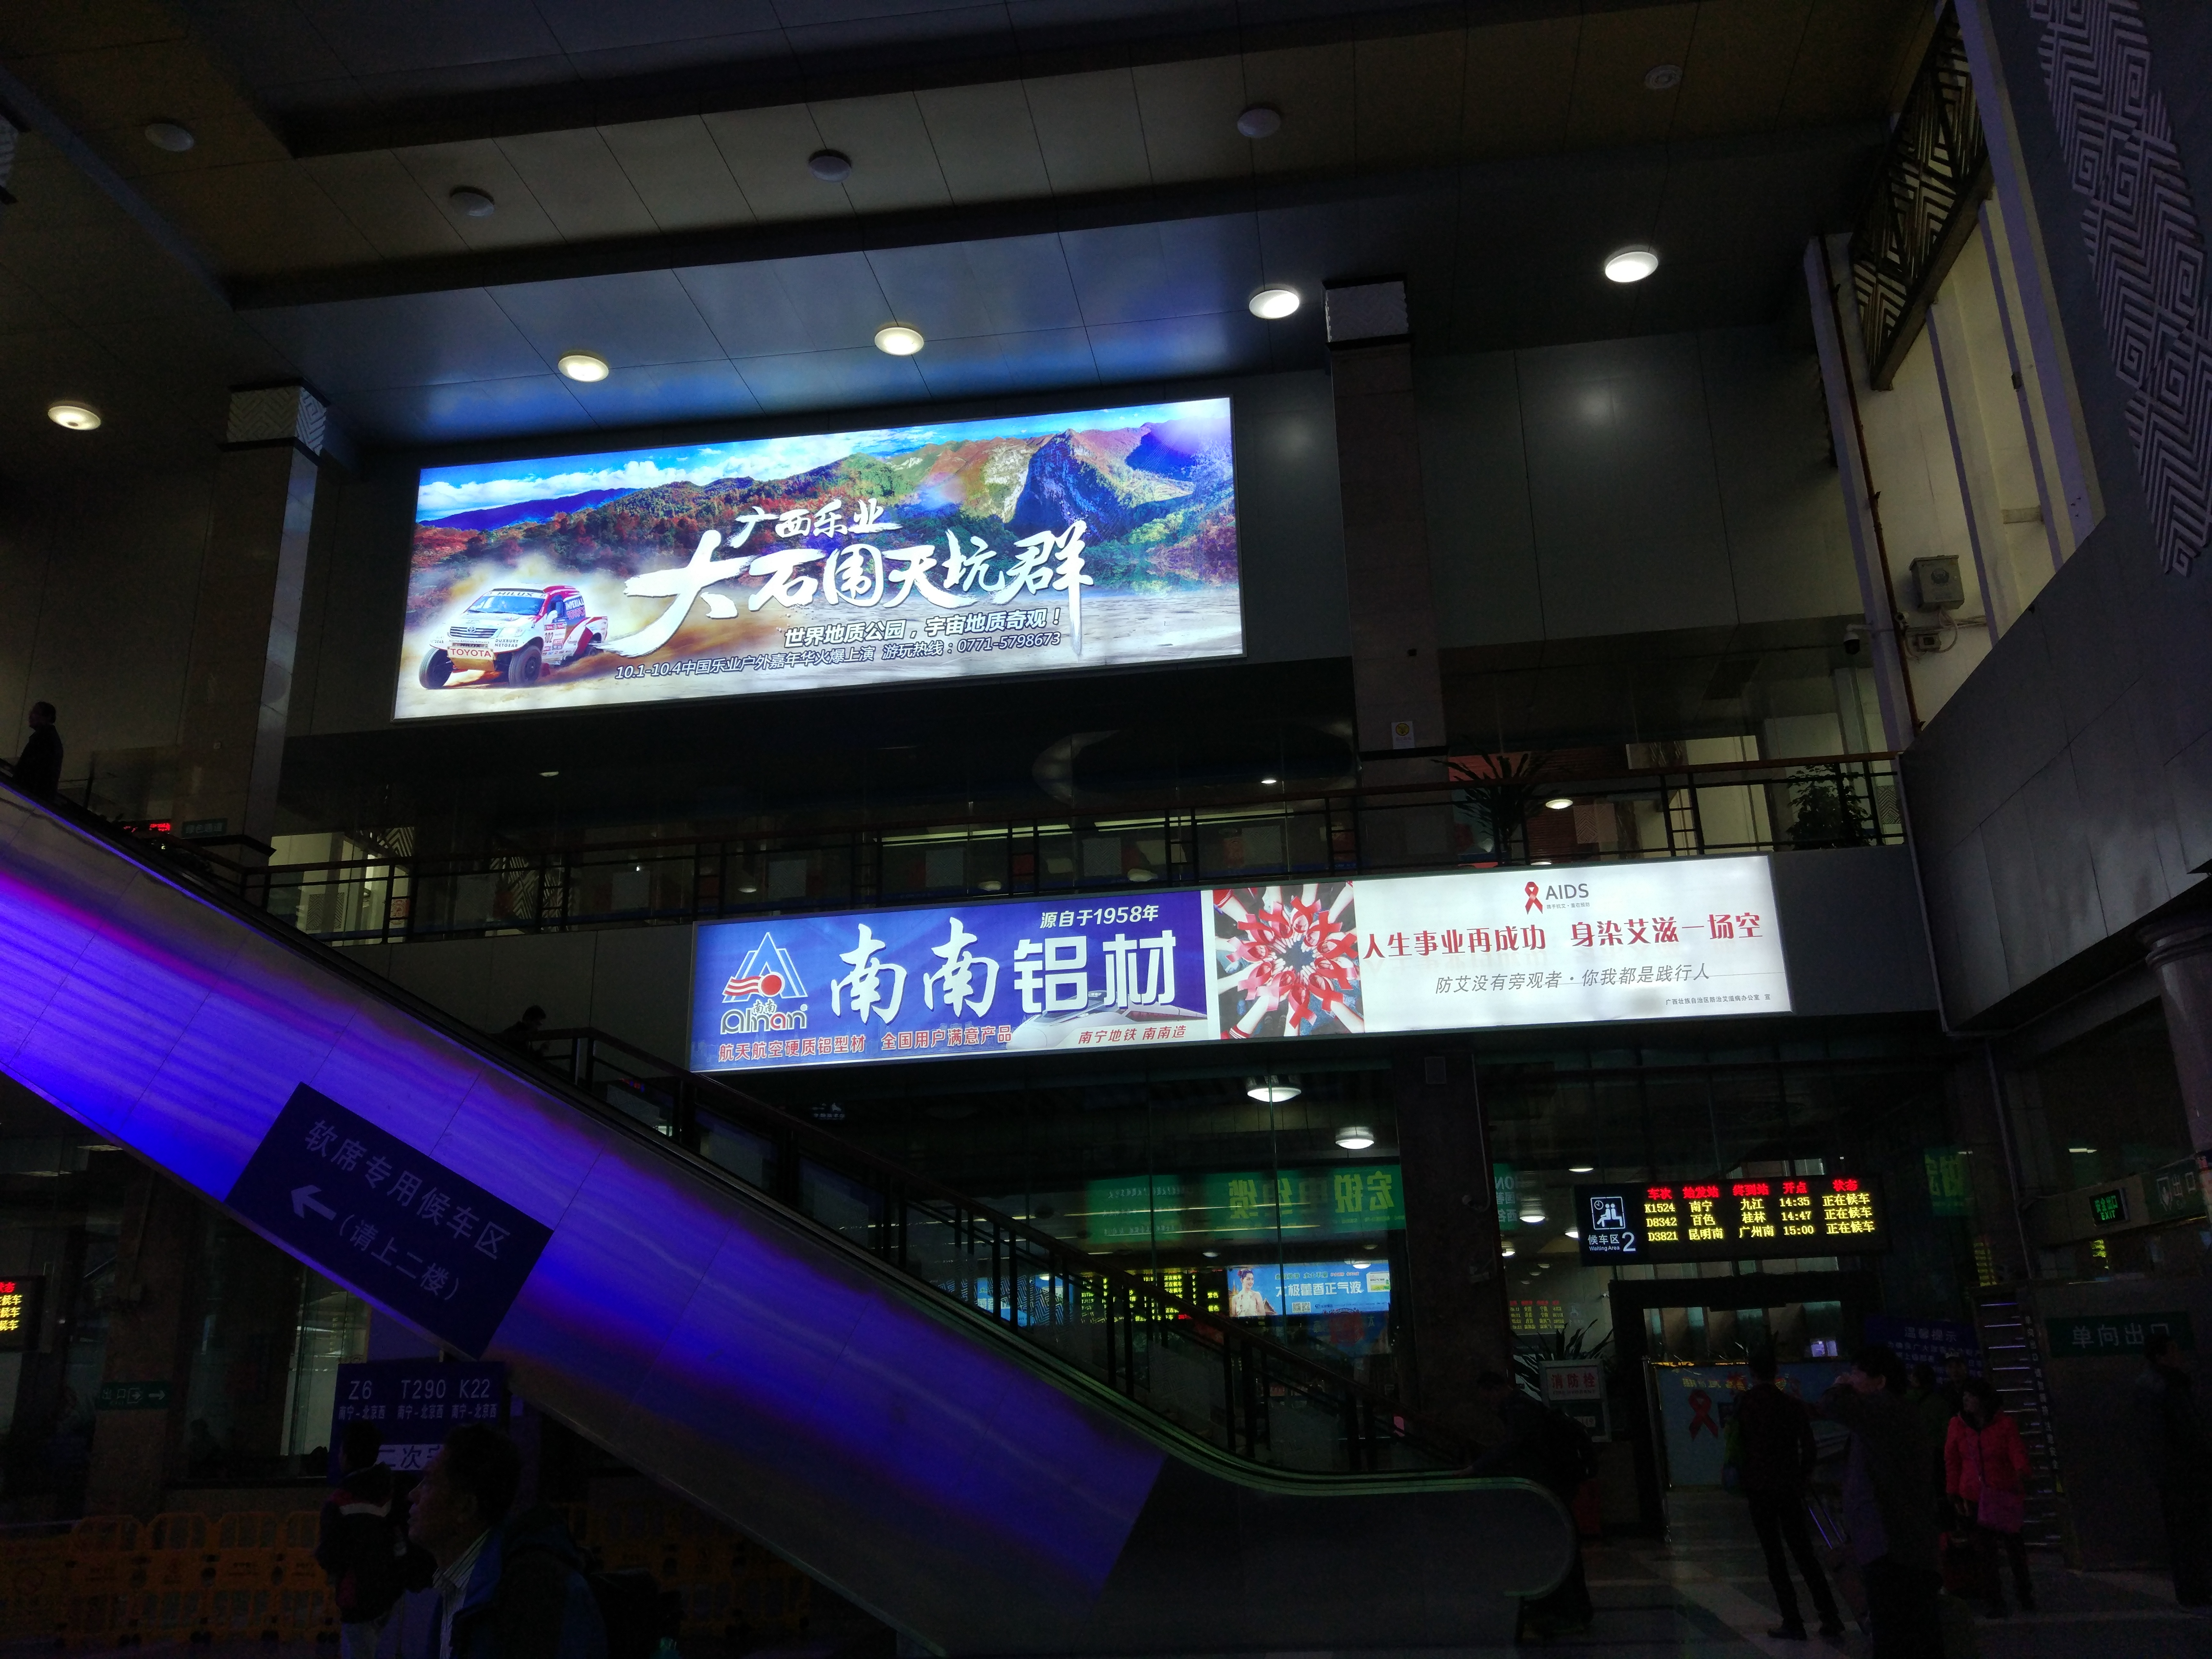 广西南宁站火车站高铁站媒体资源进站大厅平面灯箱广告